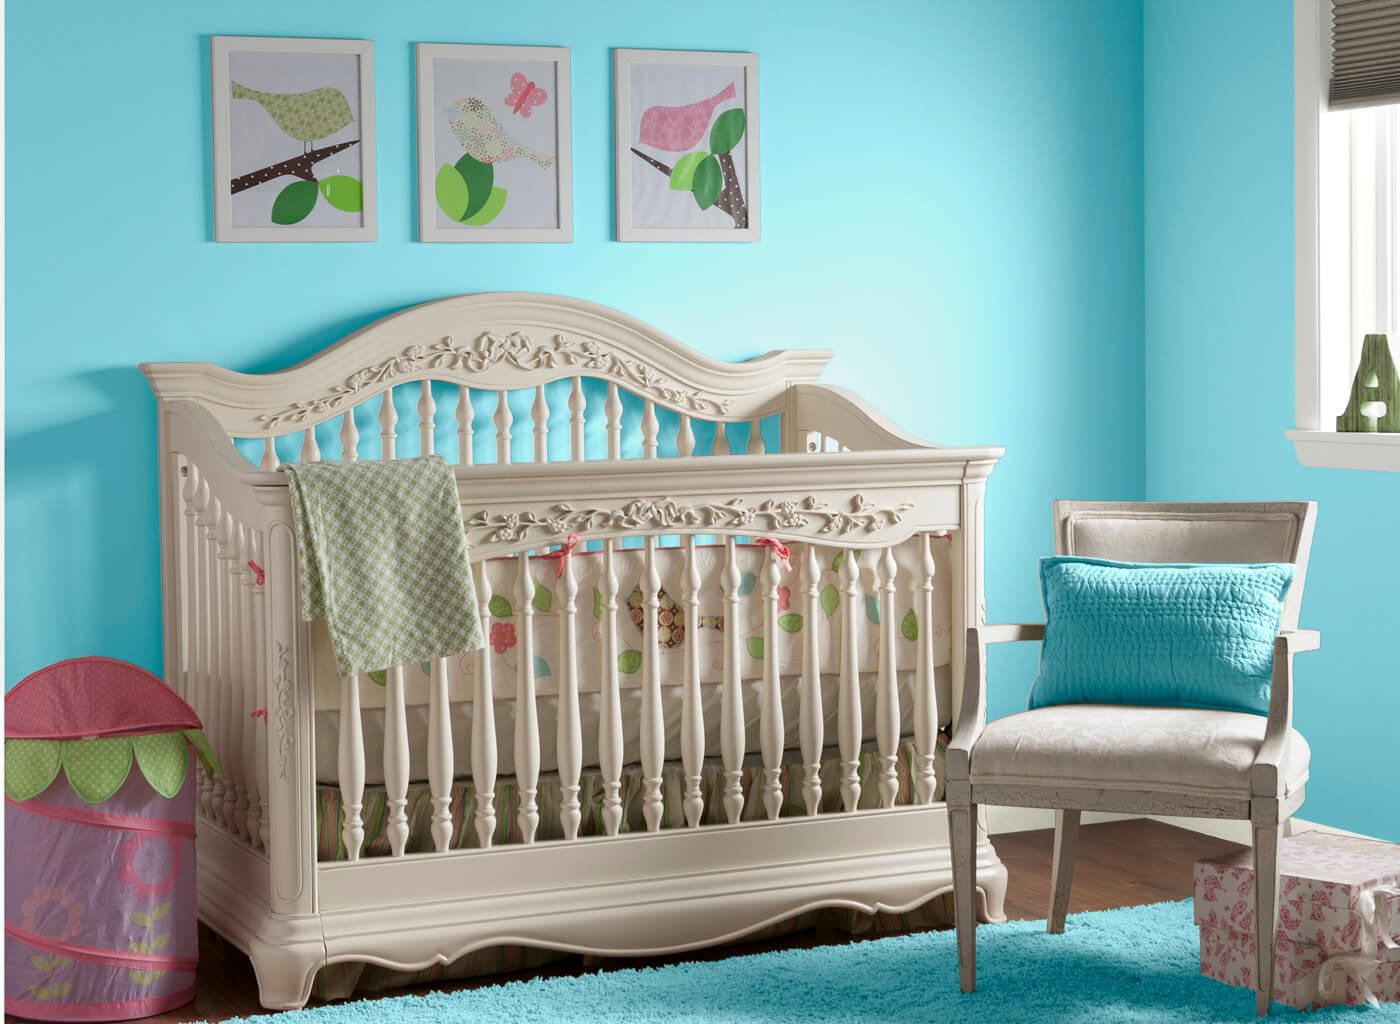 colore-turchese-cameretta-neonato